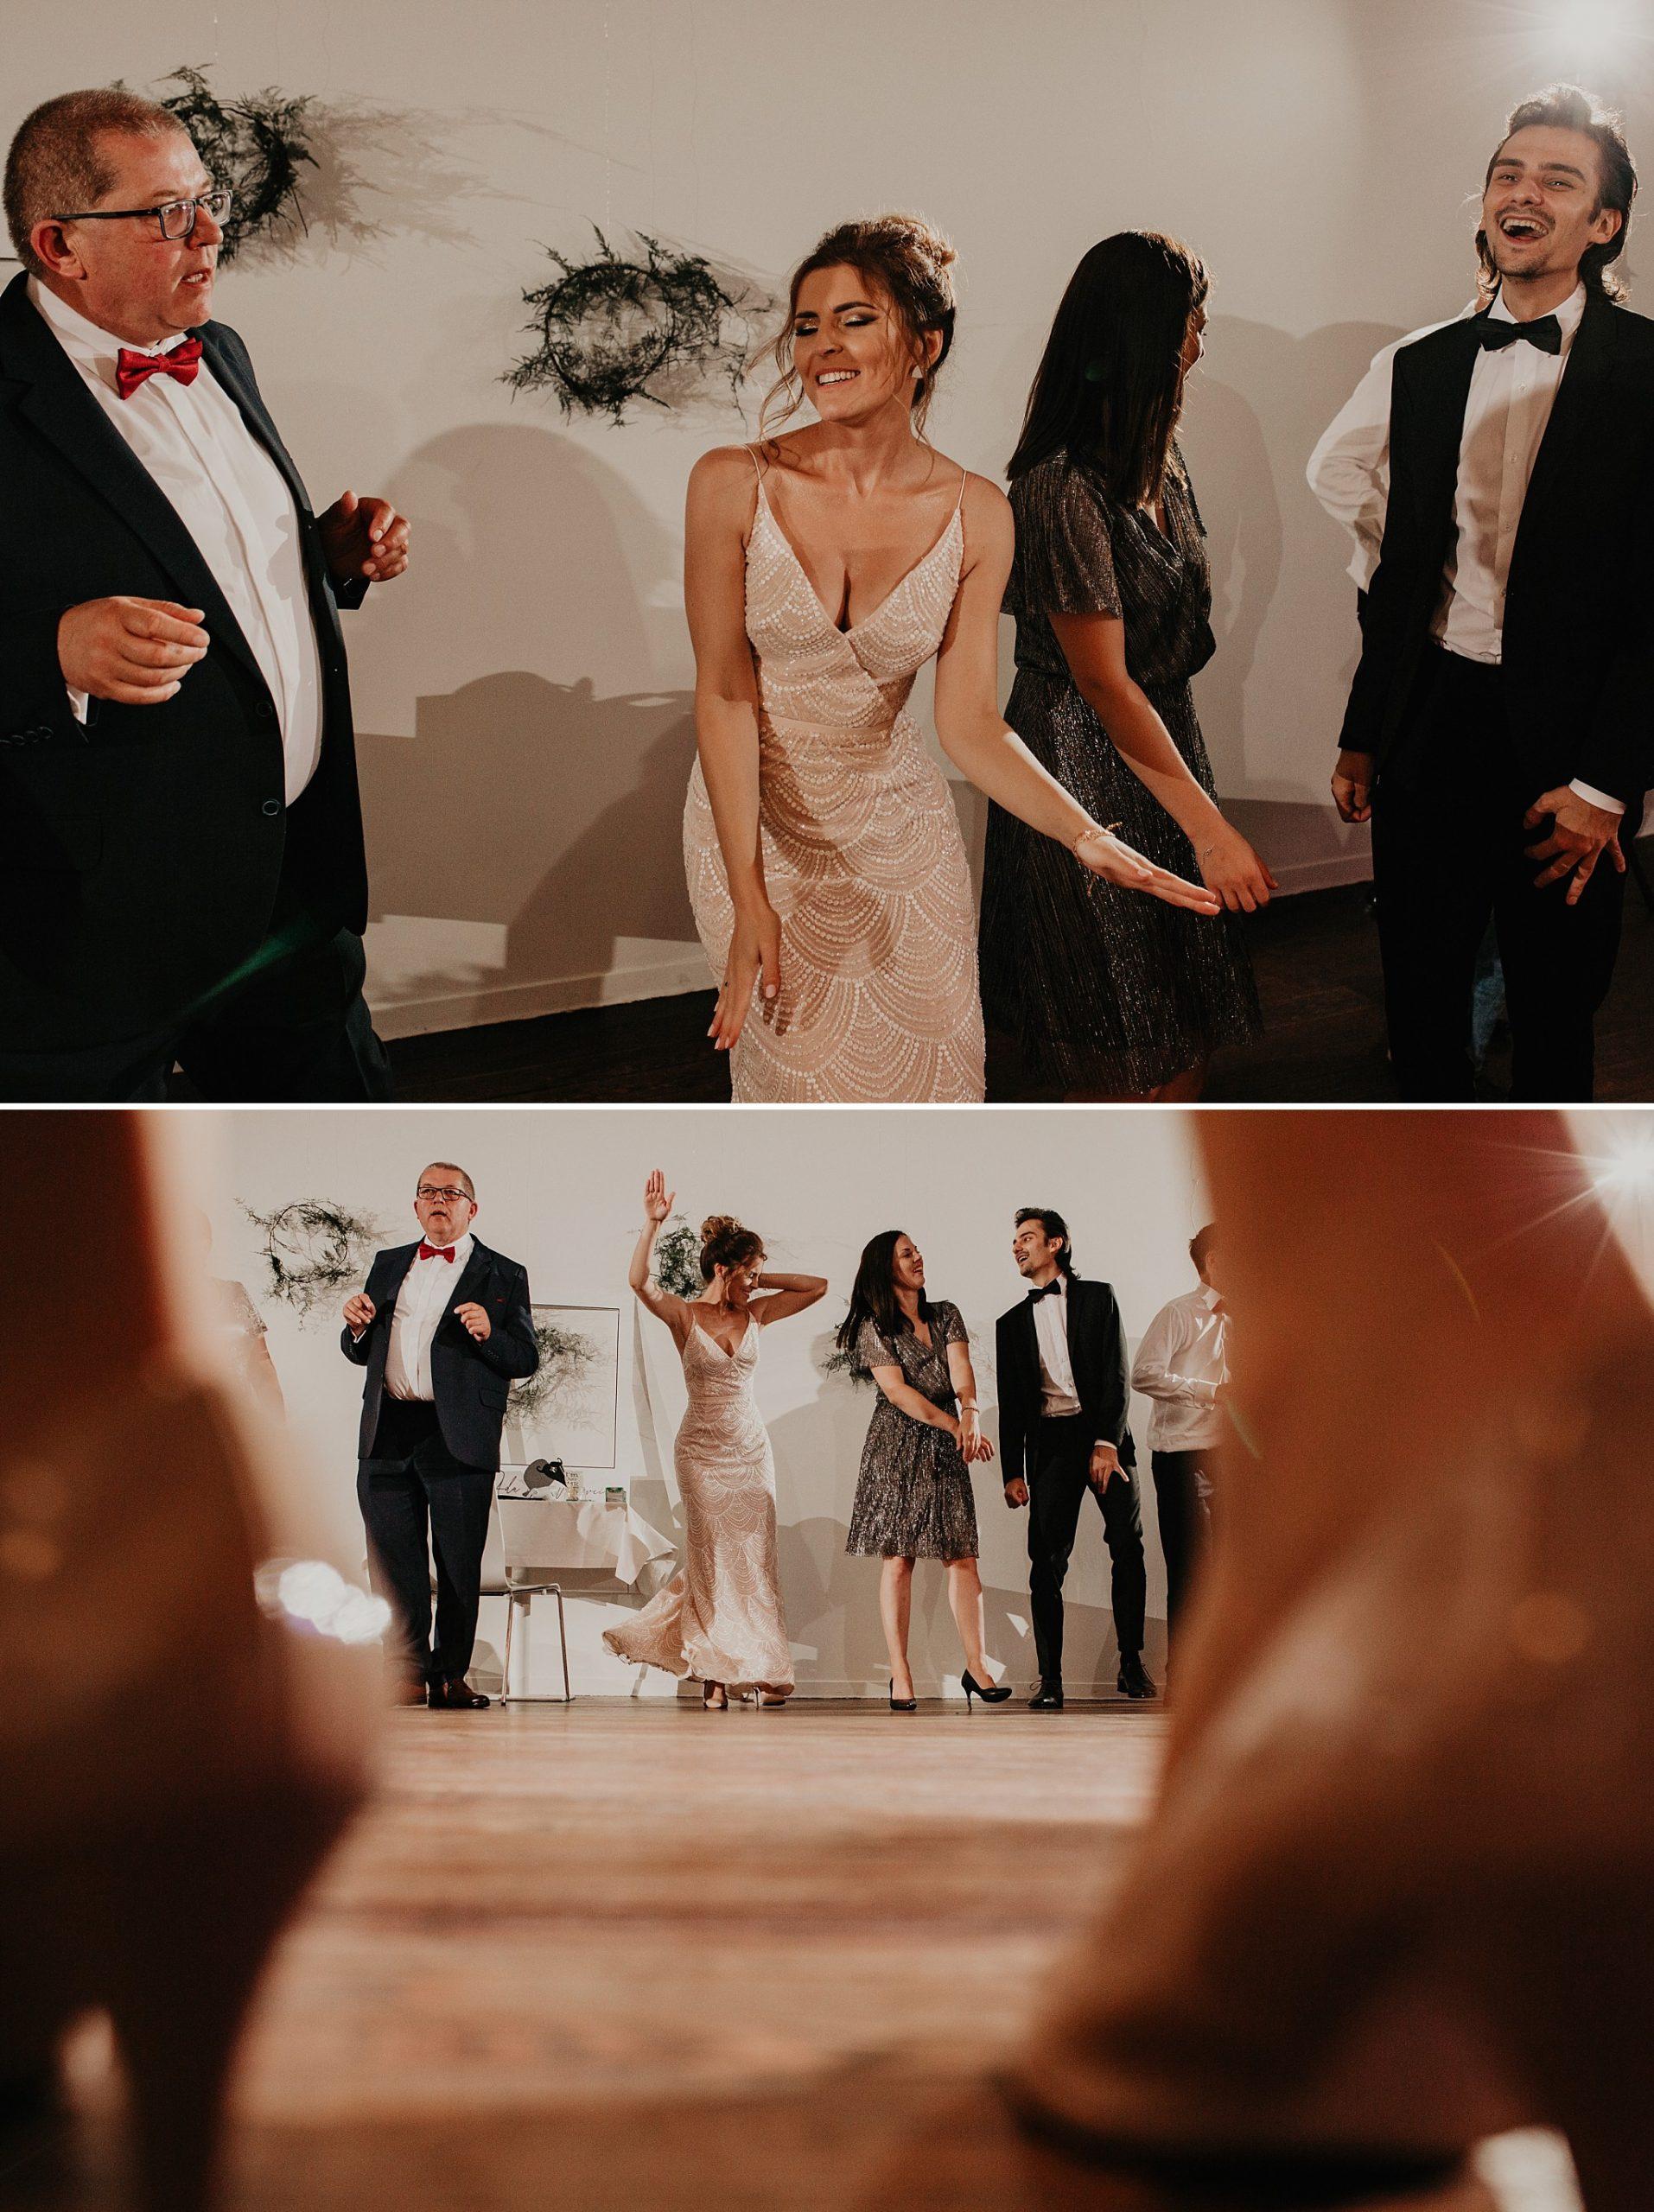 fotograf poznan wesele dobra truskawka piekne wesele pod poznaniem wesele w dobrej truskawce piekna para mloda slub marzen slub koronawirus slub listopad wesele koronawirus 385 scaled